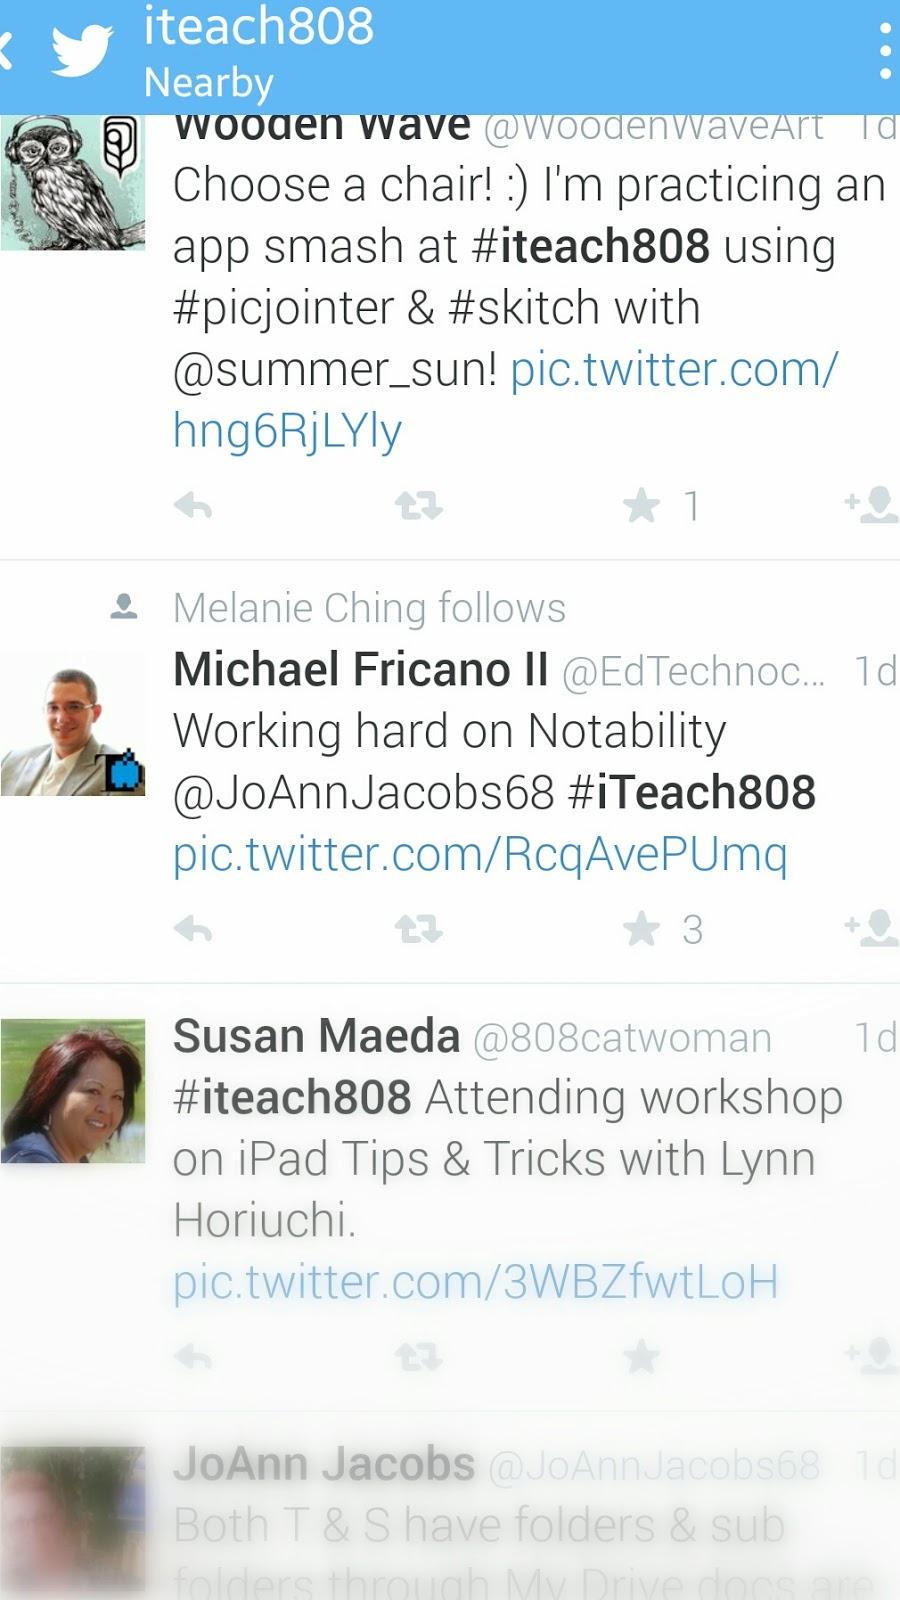 #iTeach808 Twitter Stream